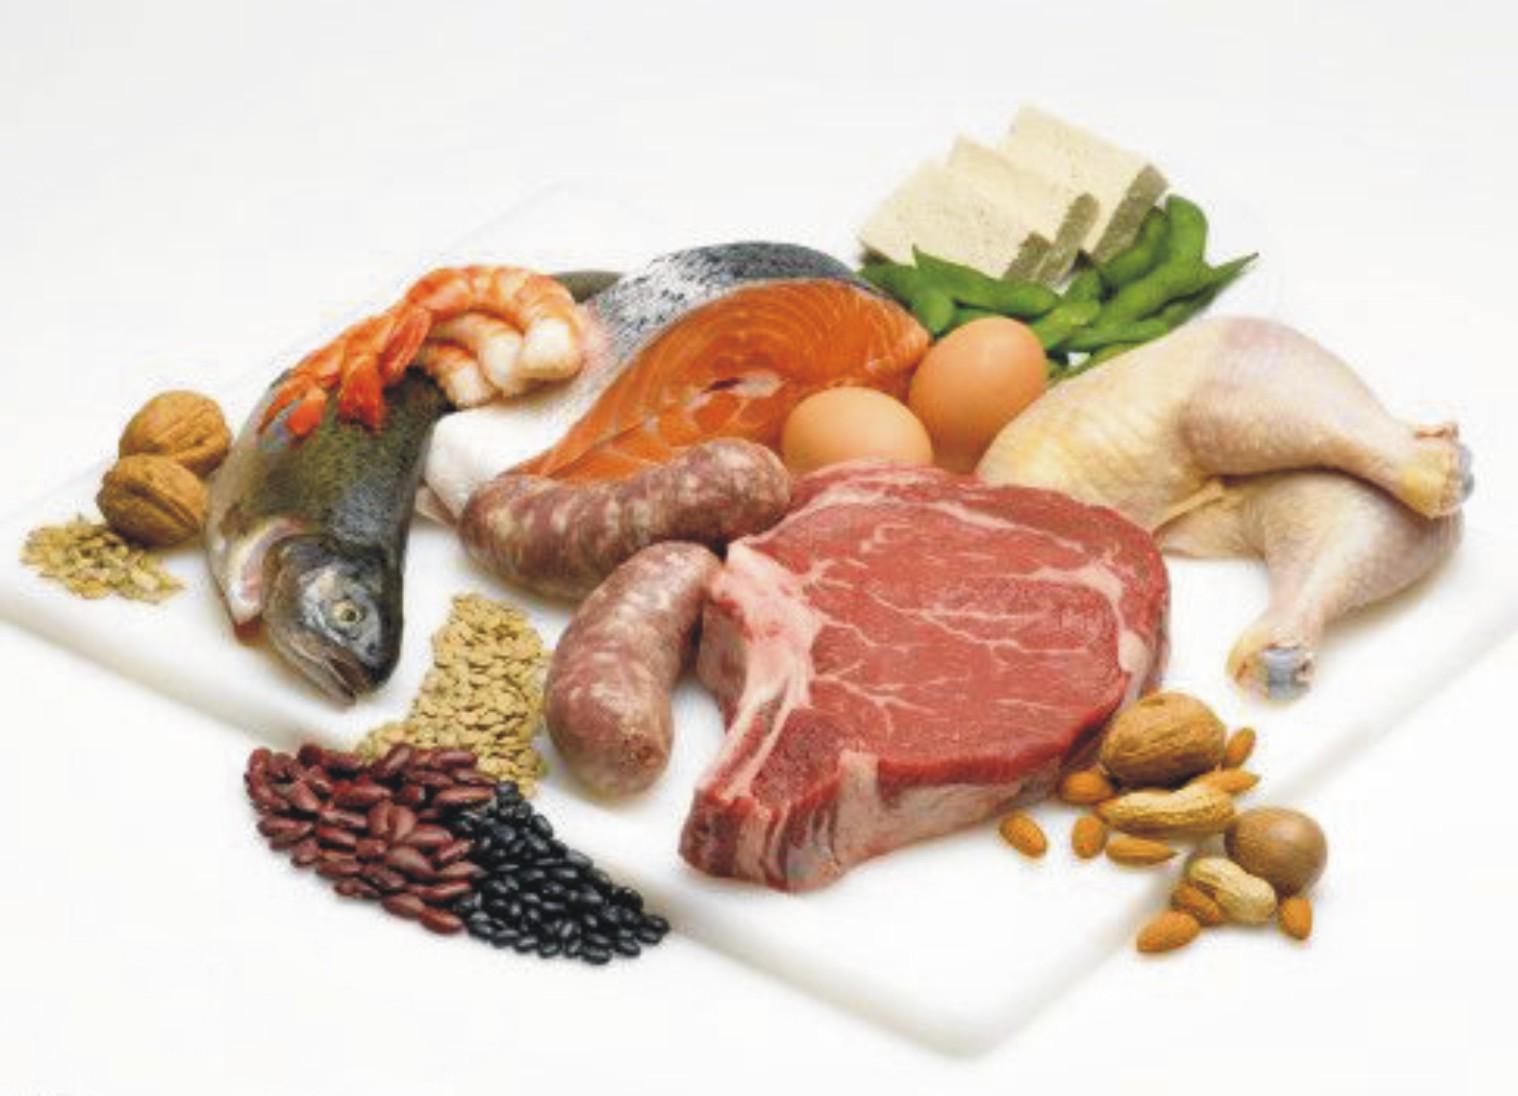 makanan sehat untuk tubuh ideal